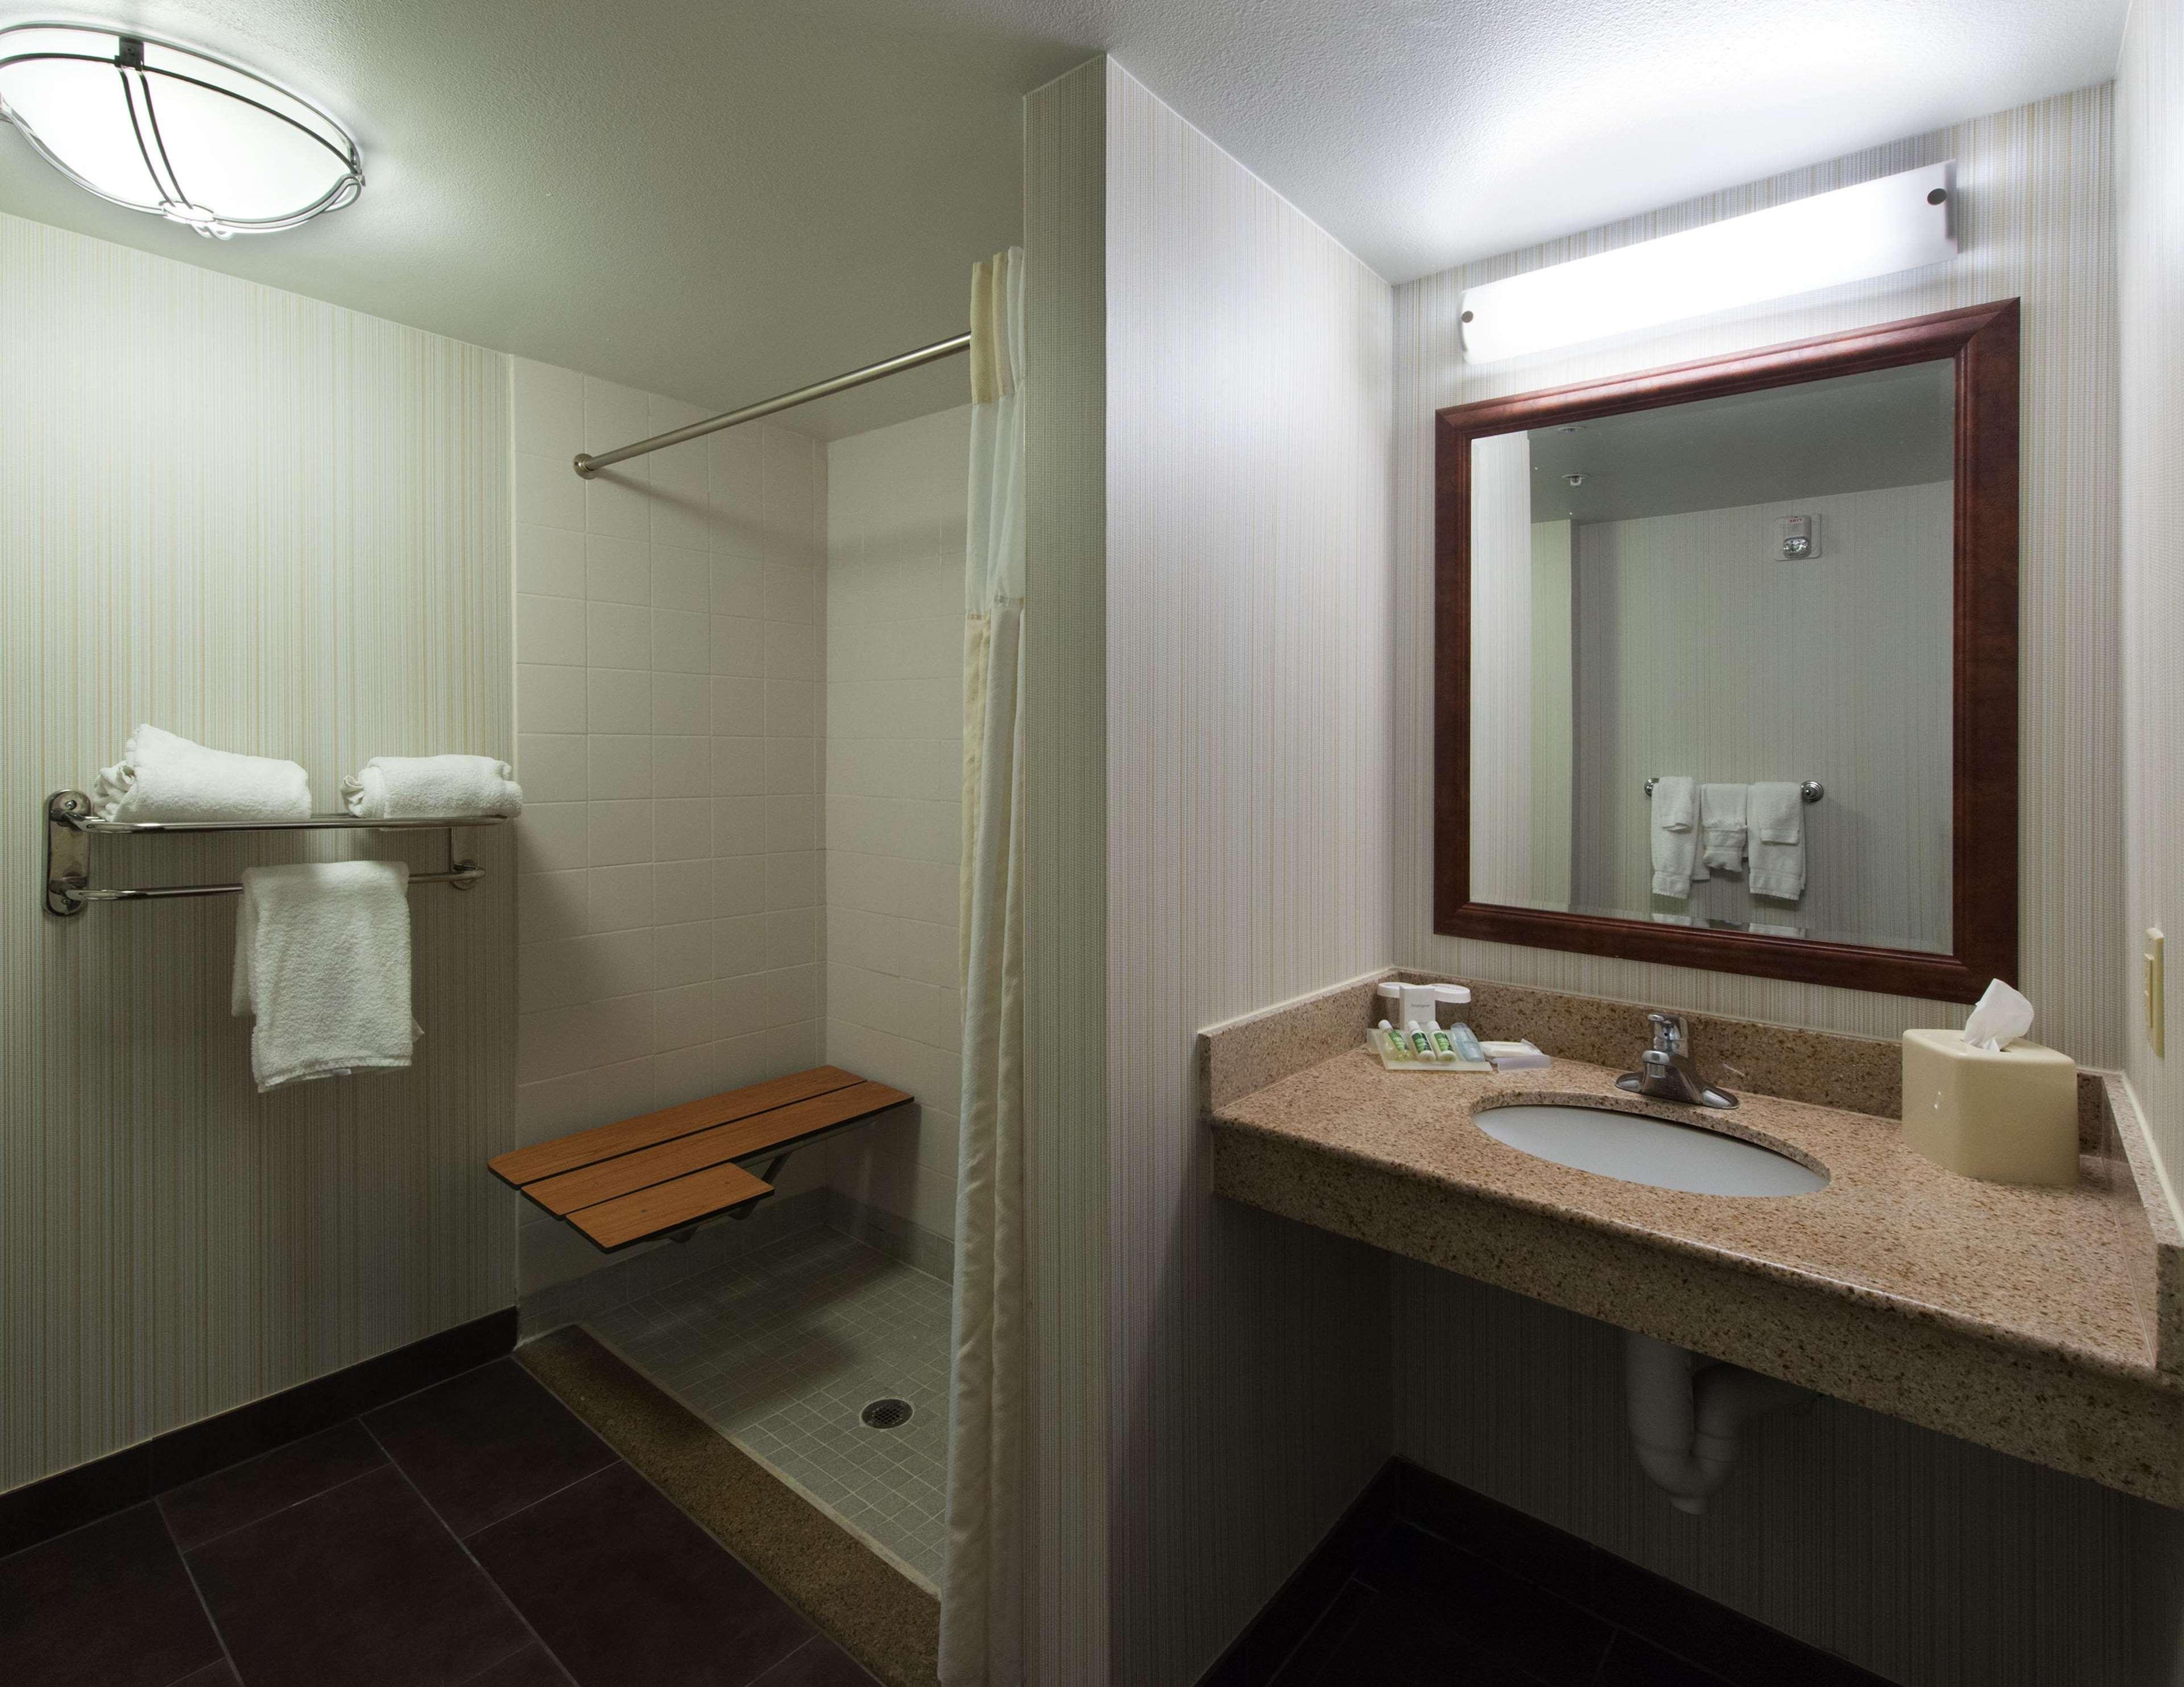 Hilton Garden Inn Lafayette/Cajundome image 28